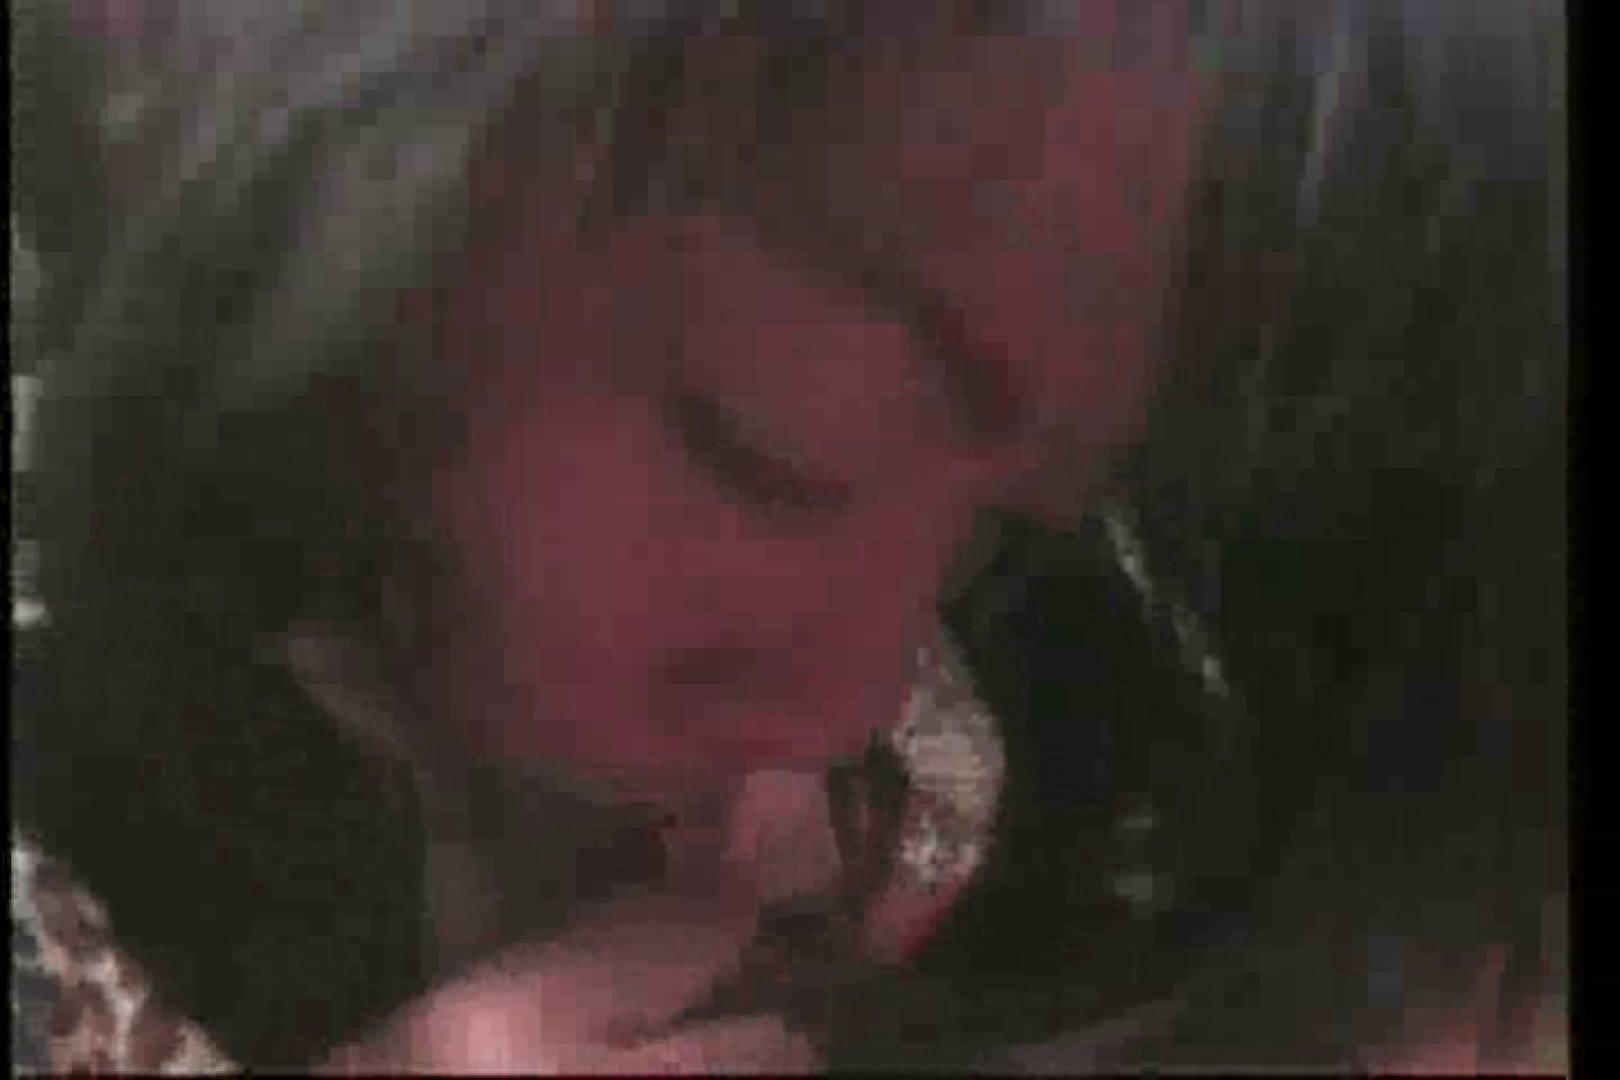 素人嬢126人のハメ撮り 杉原美保 SEXプレイ AV動画キャプチャ 105連発 95